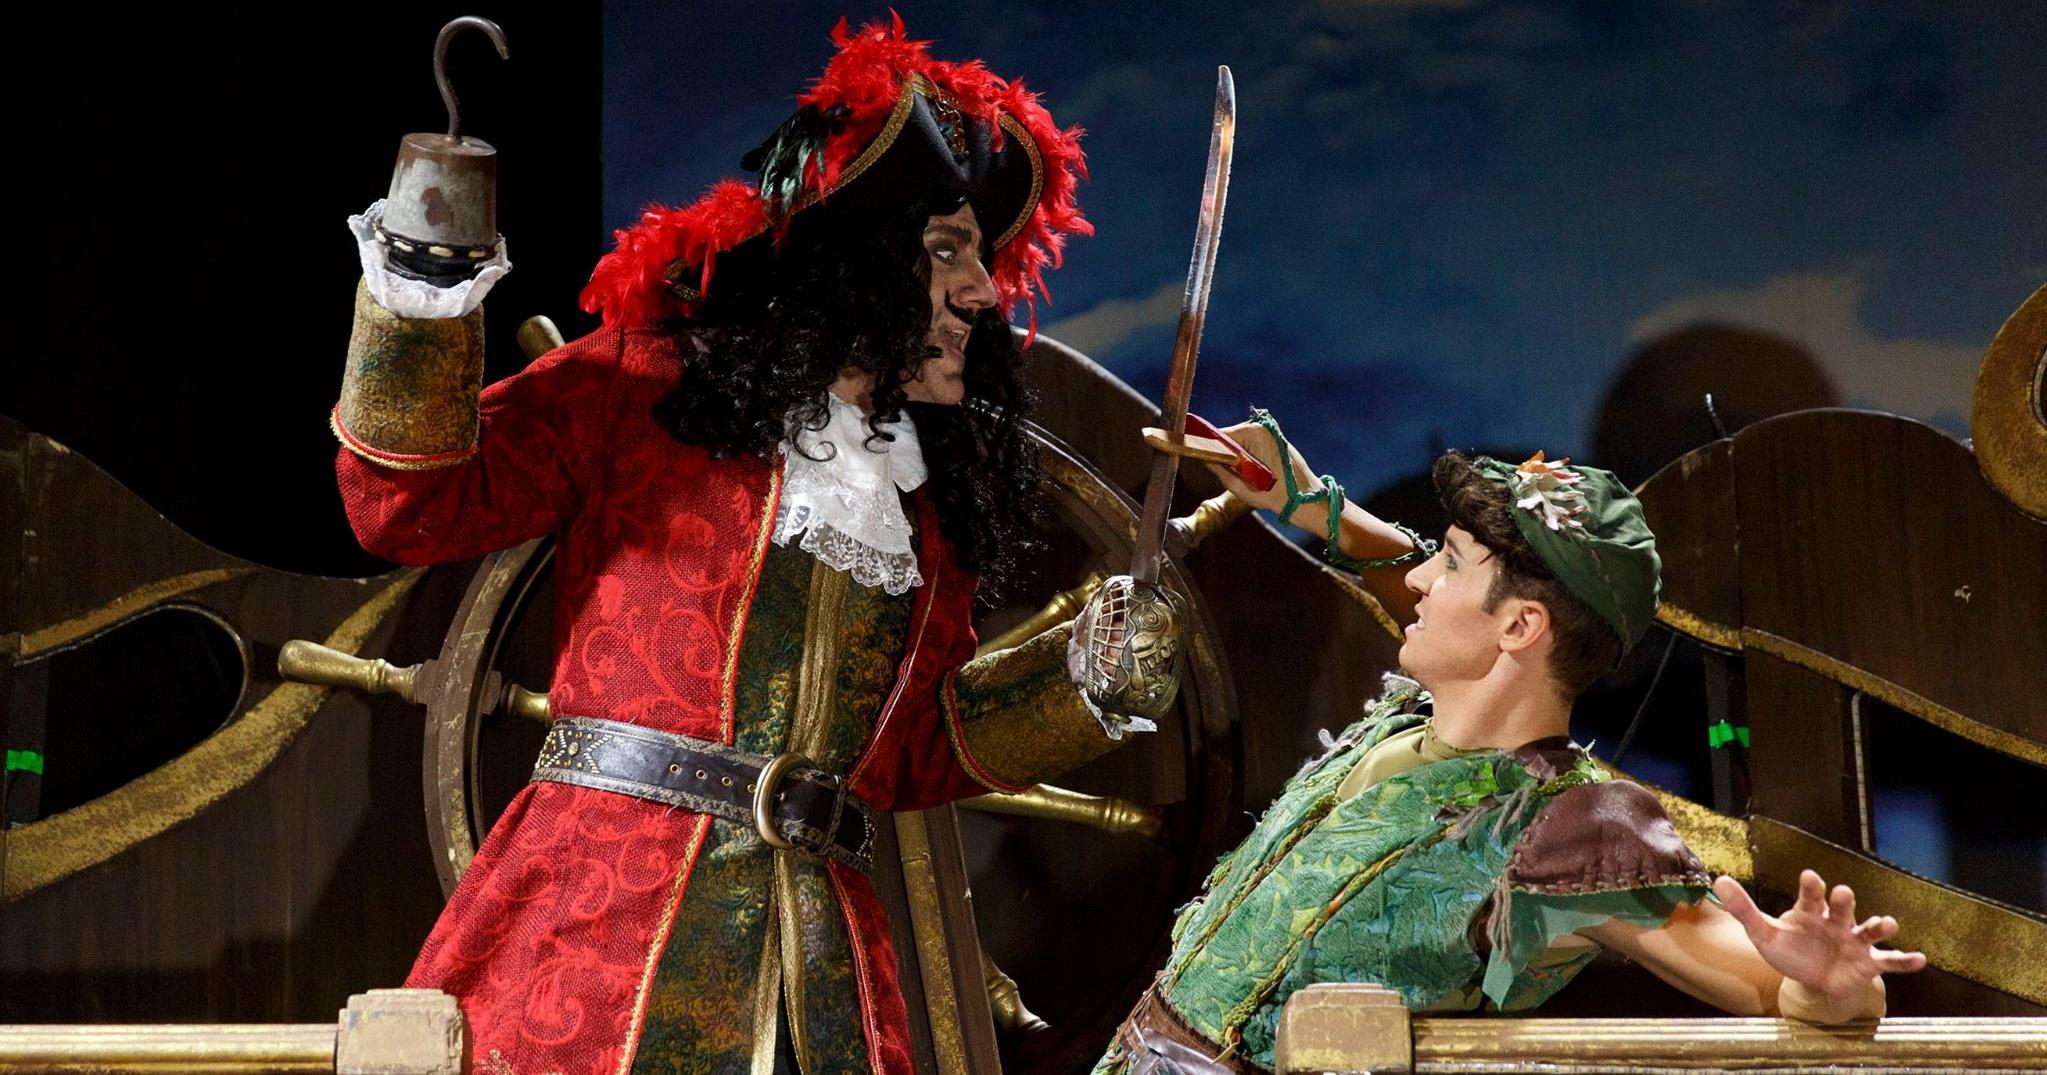 Con le musiche di Edoardo Bennato e la regia di Maurizio Colombi, il musical di Peter Pan approda finalmente al Teatro Brancaccio di Roma nel corso di una lunga tournée […]